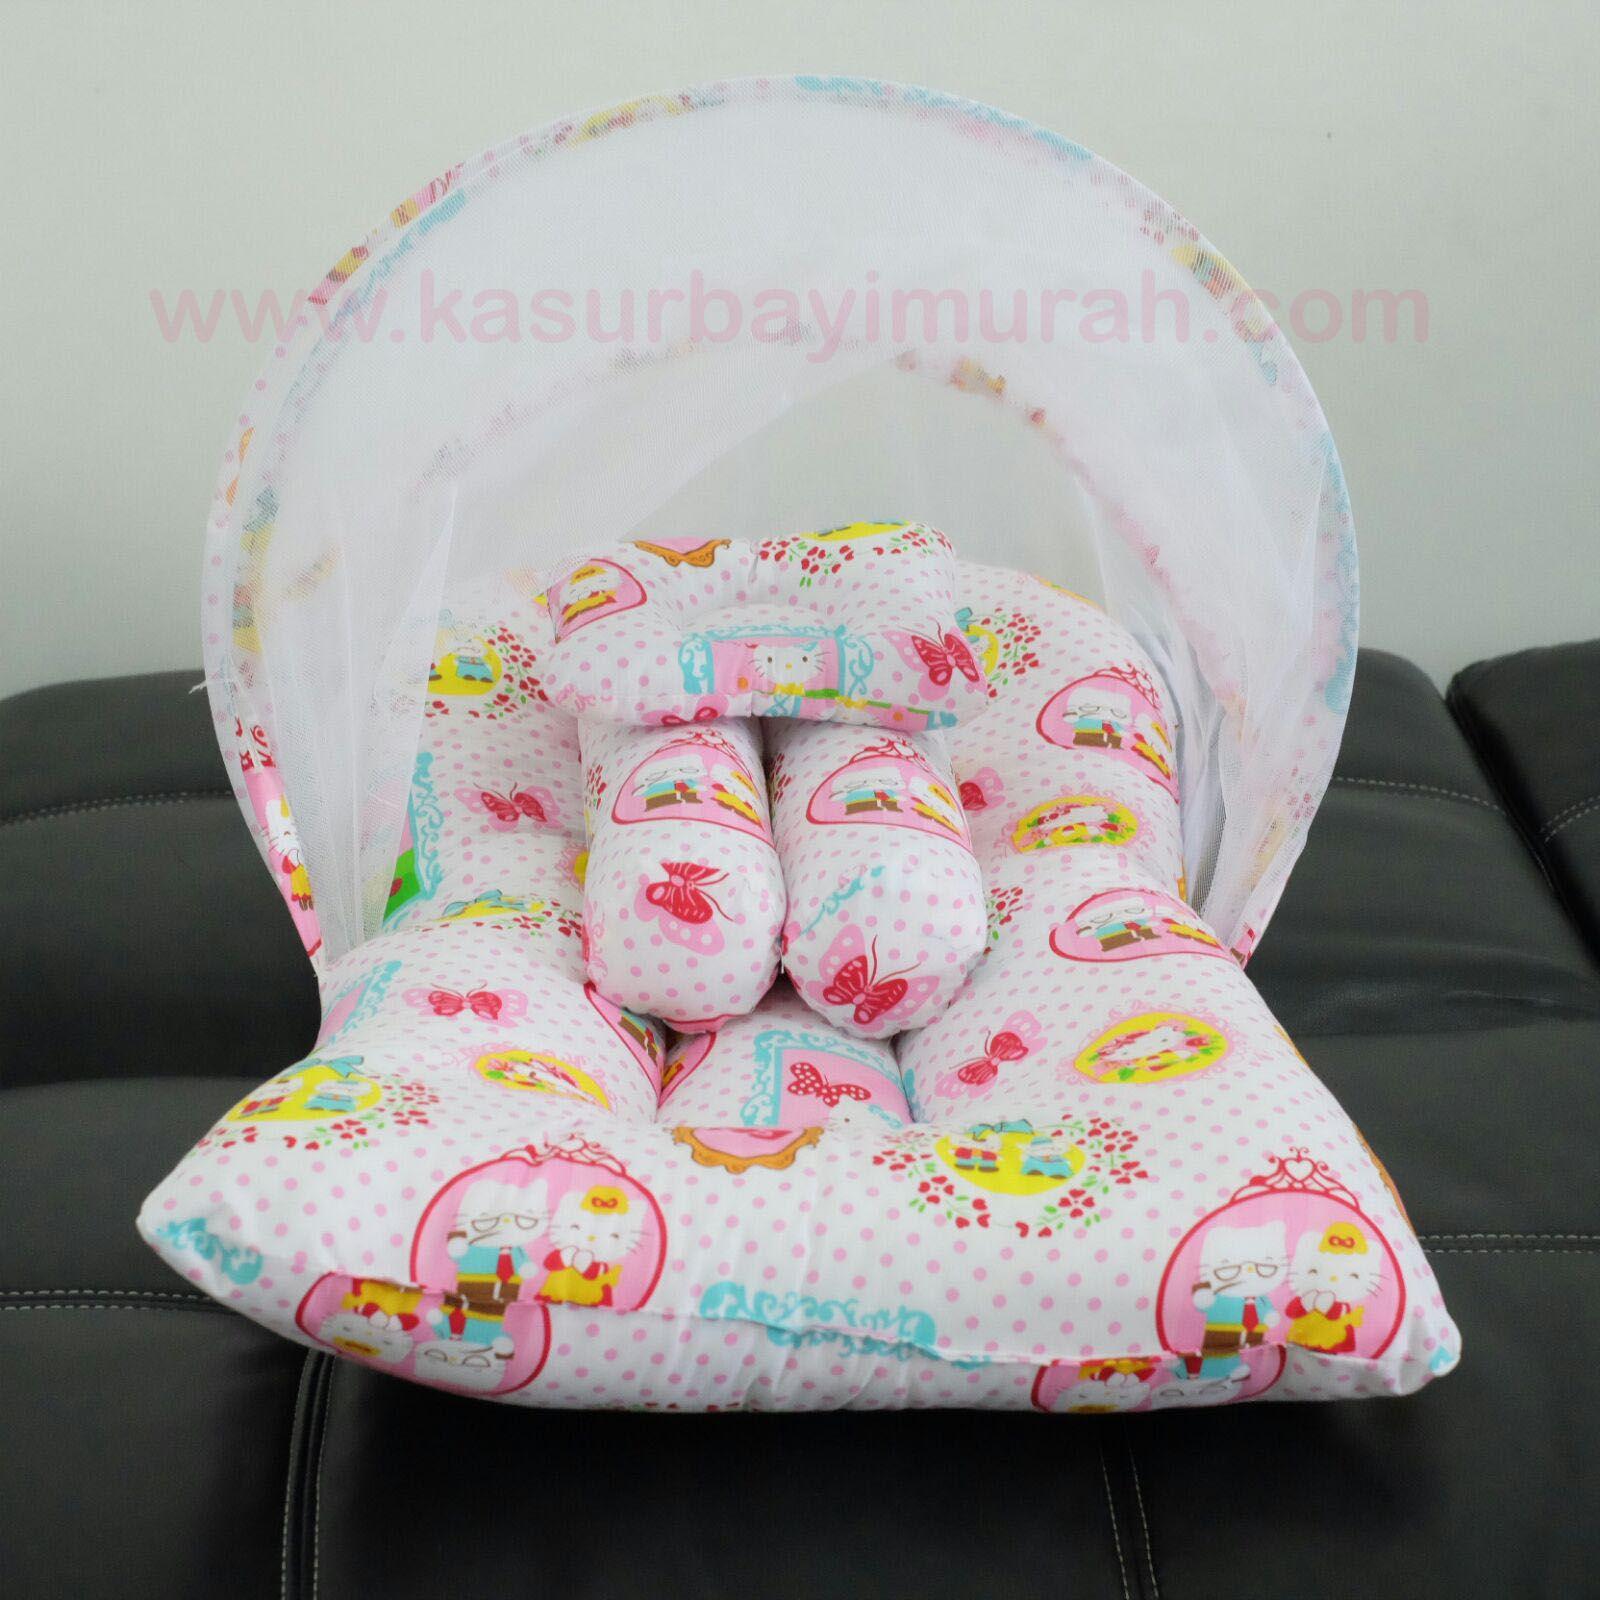 Kasur Bayi Lipat Jika Anda Telah Berburu Untuk Tempat Tidur Kasur